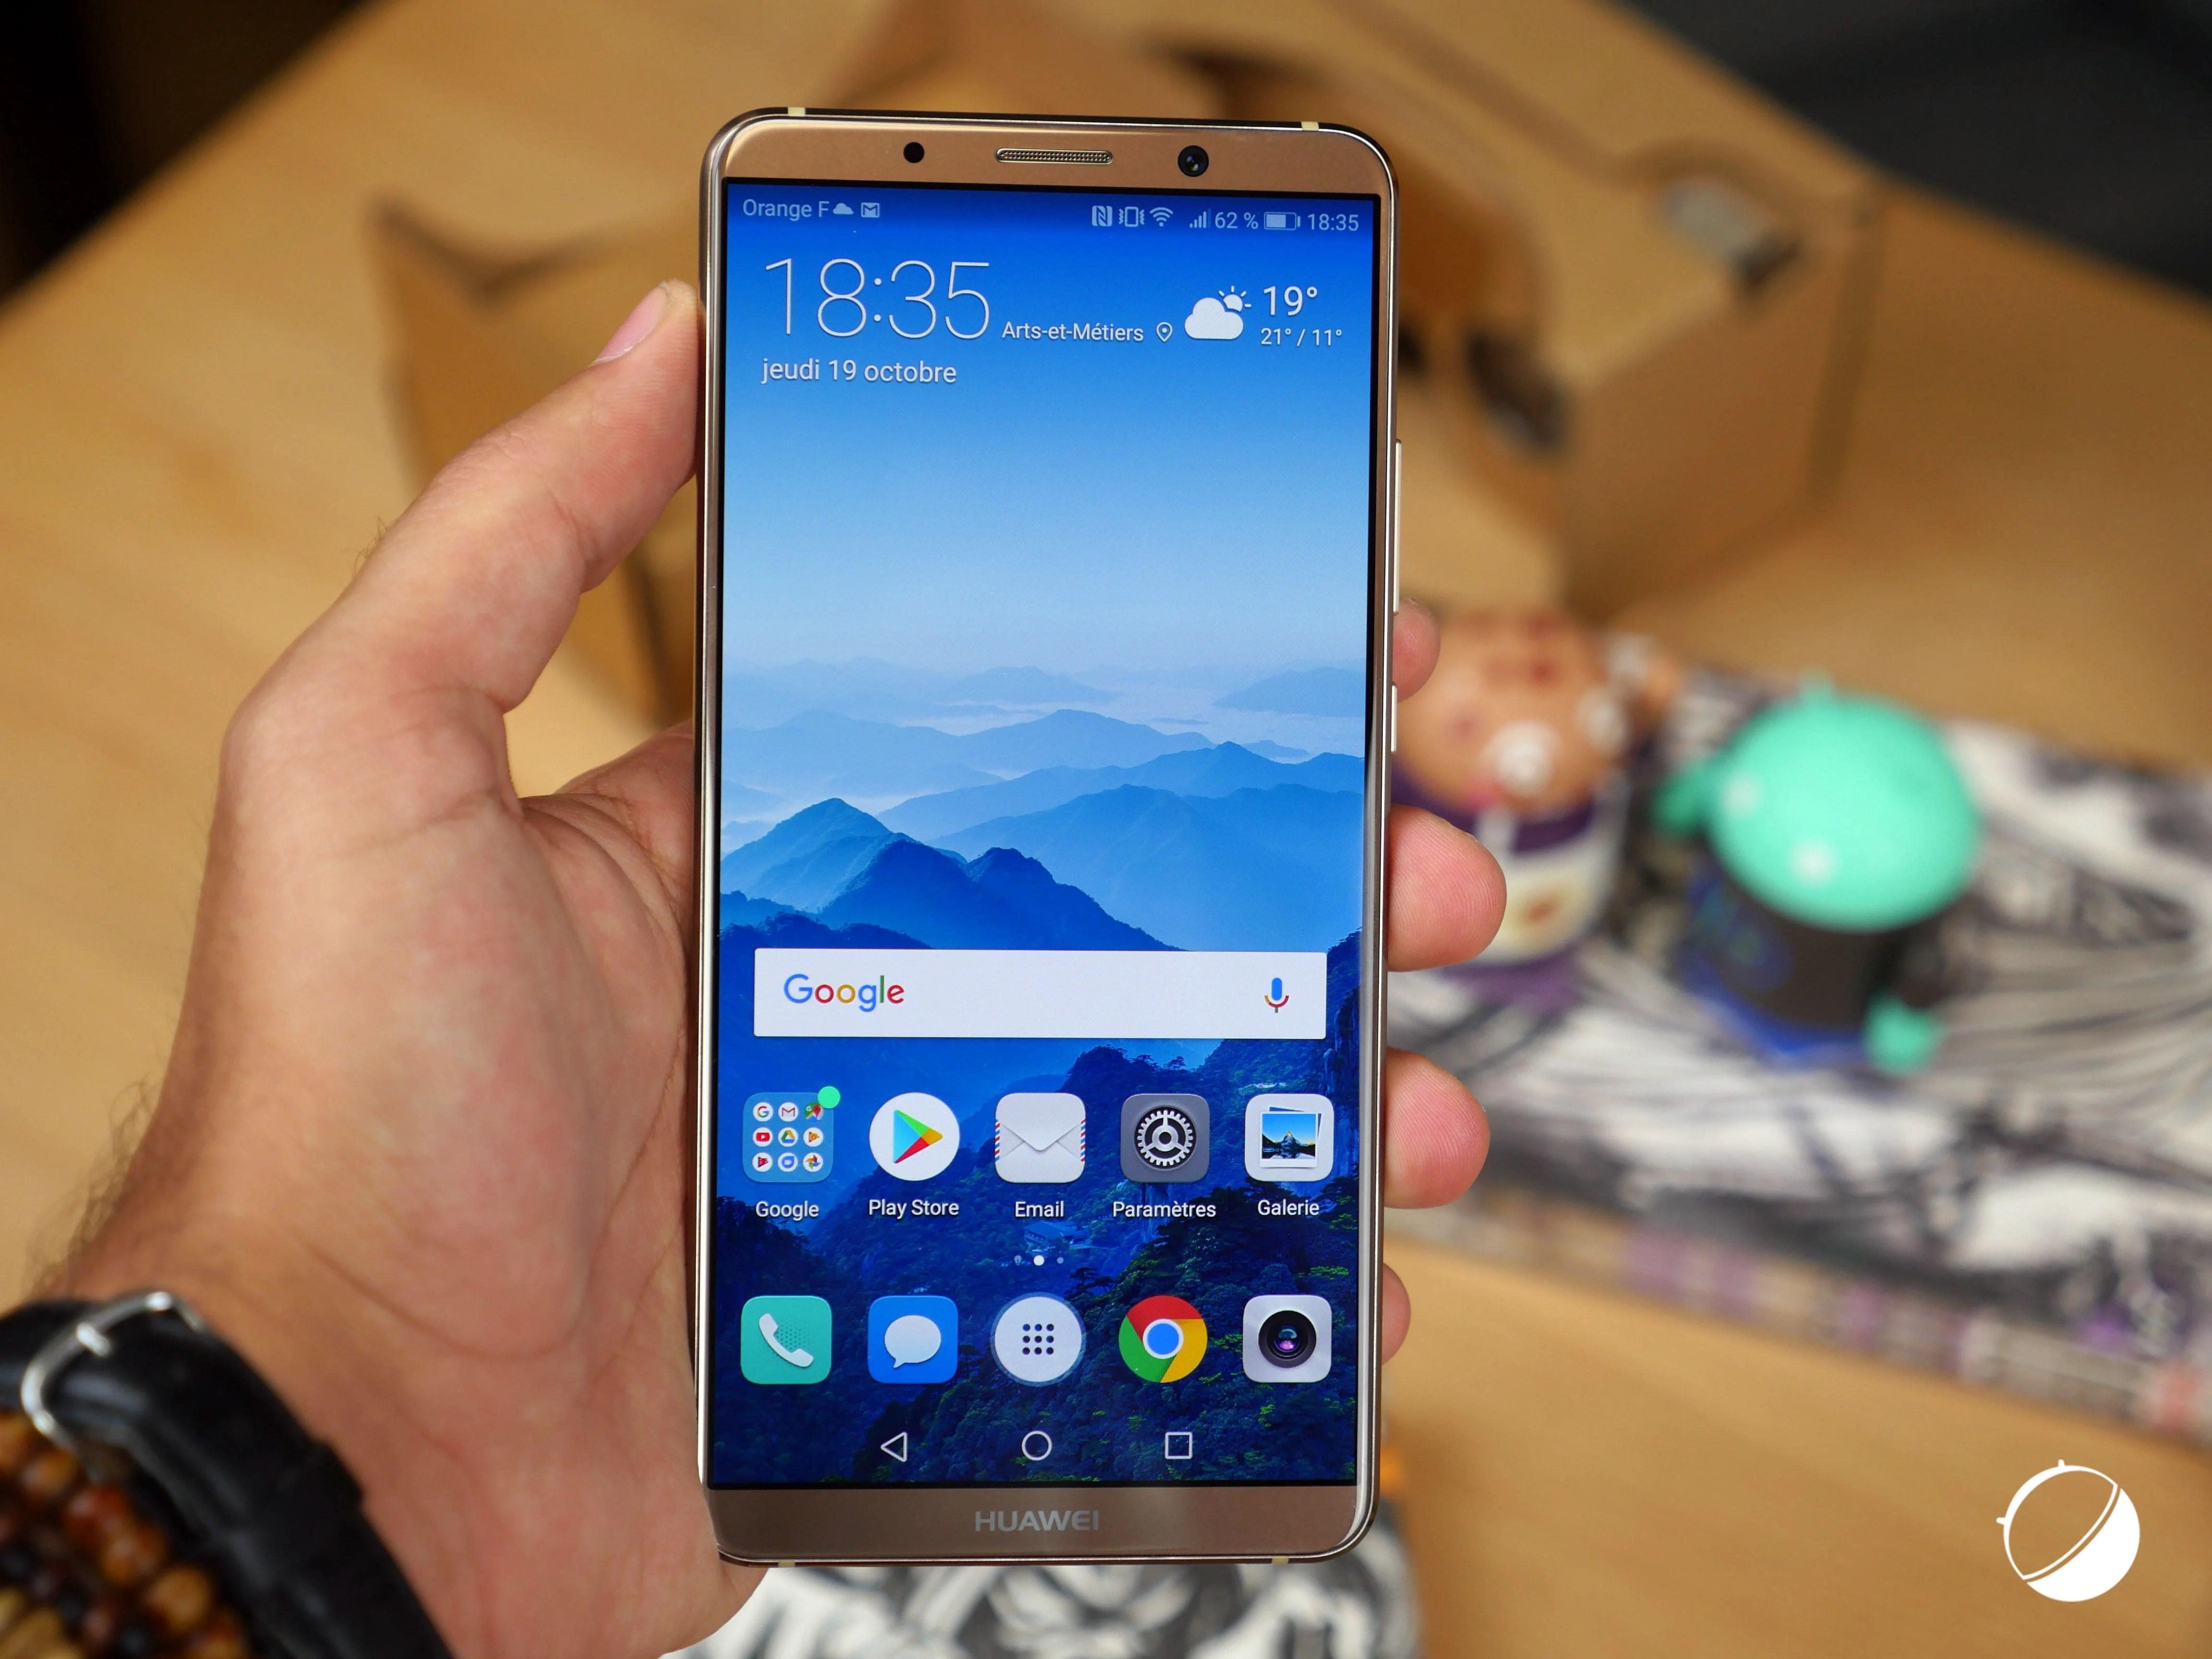 Test du Huawei Mate 10 Pro: le borderless presque parfait